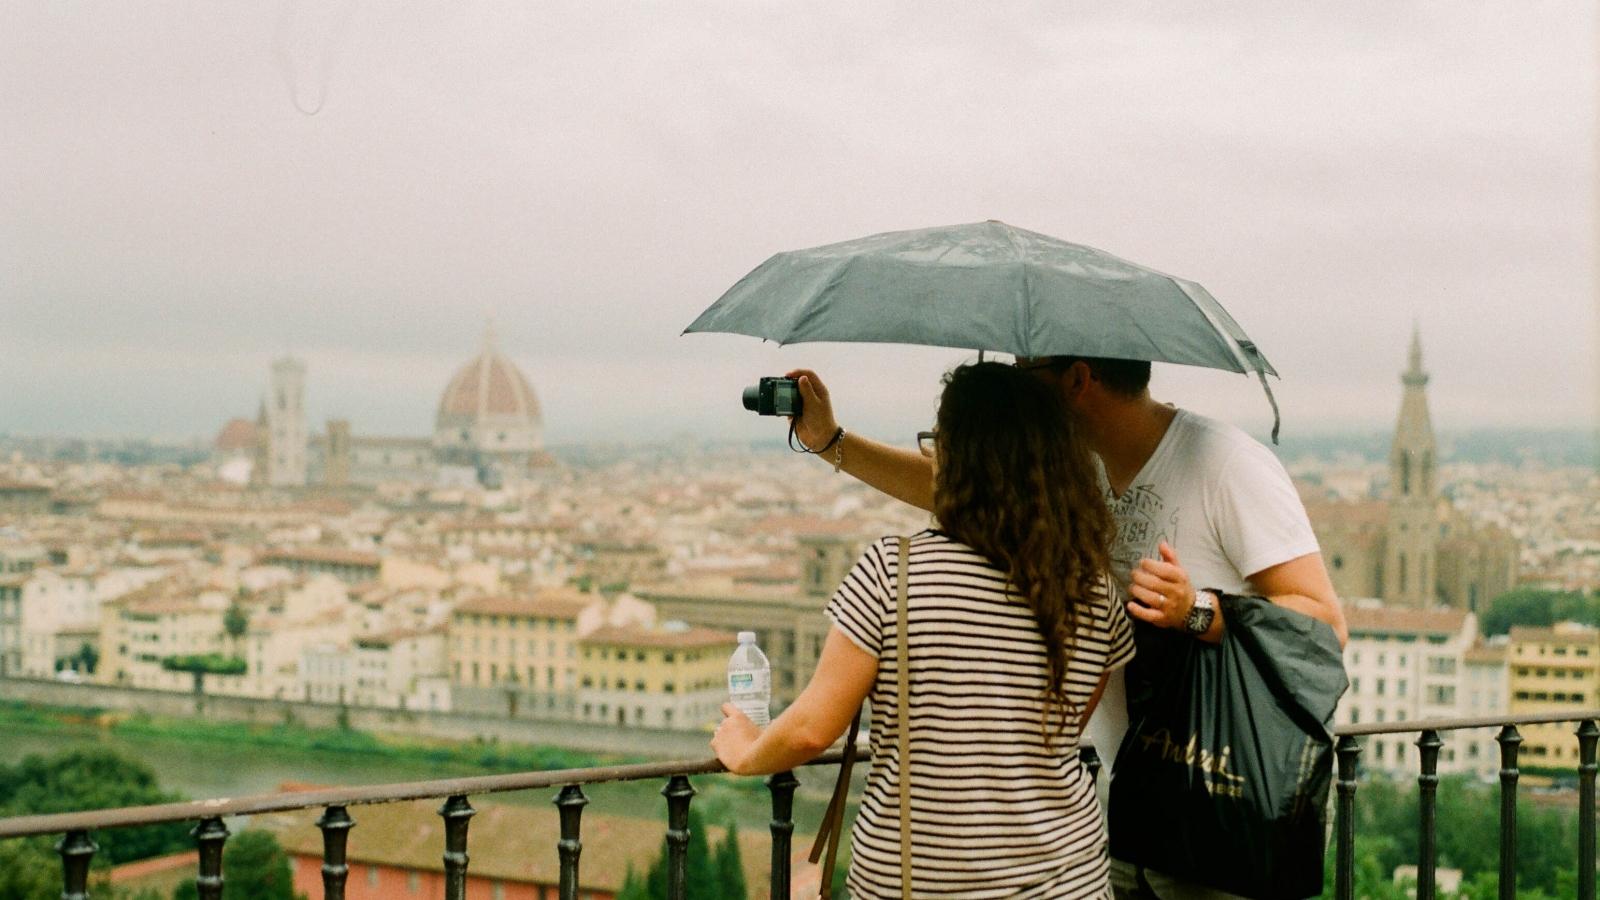 Kinh nghiệm hữu ích cho chuyến du lịch mùa mưa bão